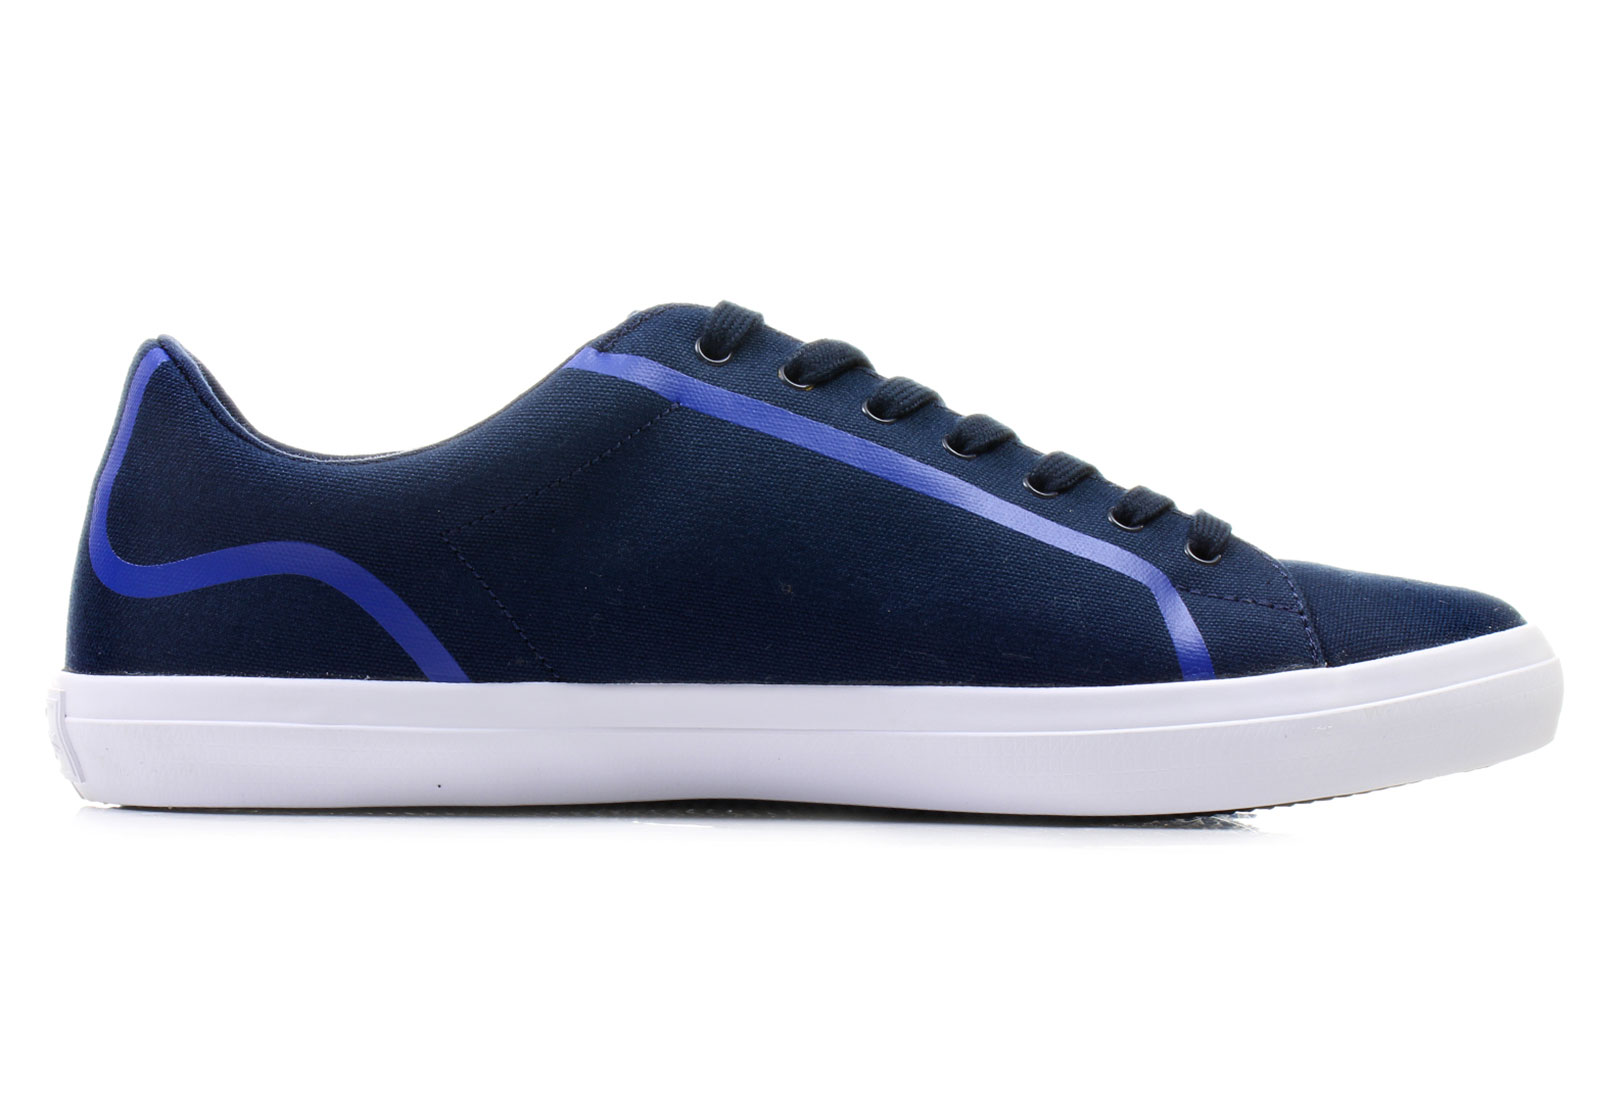 lacoste shoes lerond sport 162spm0053 003